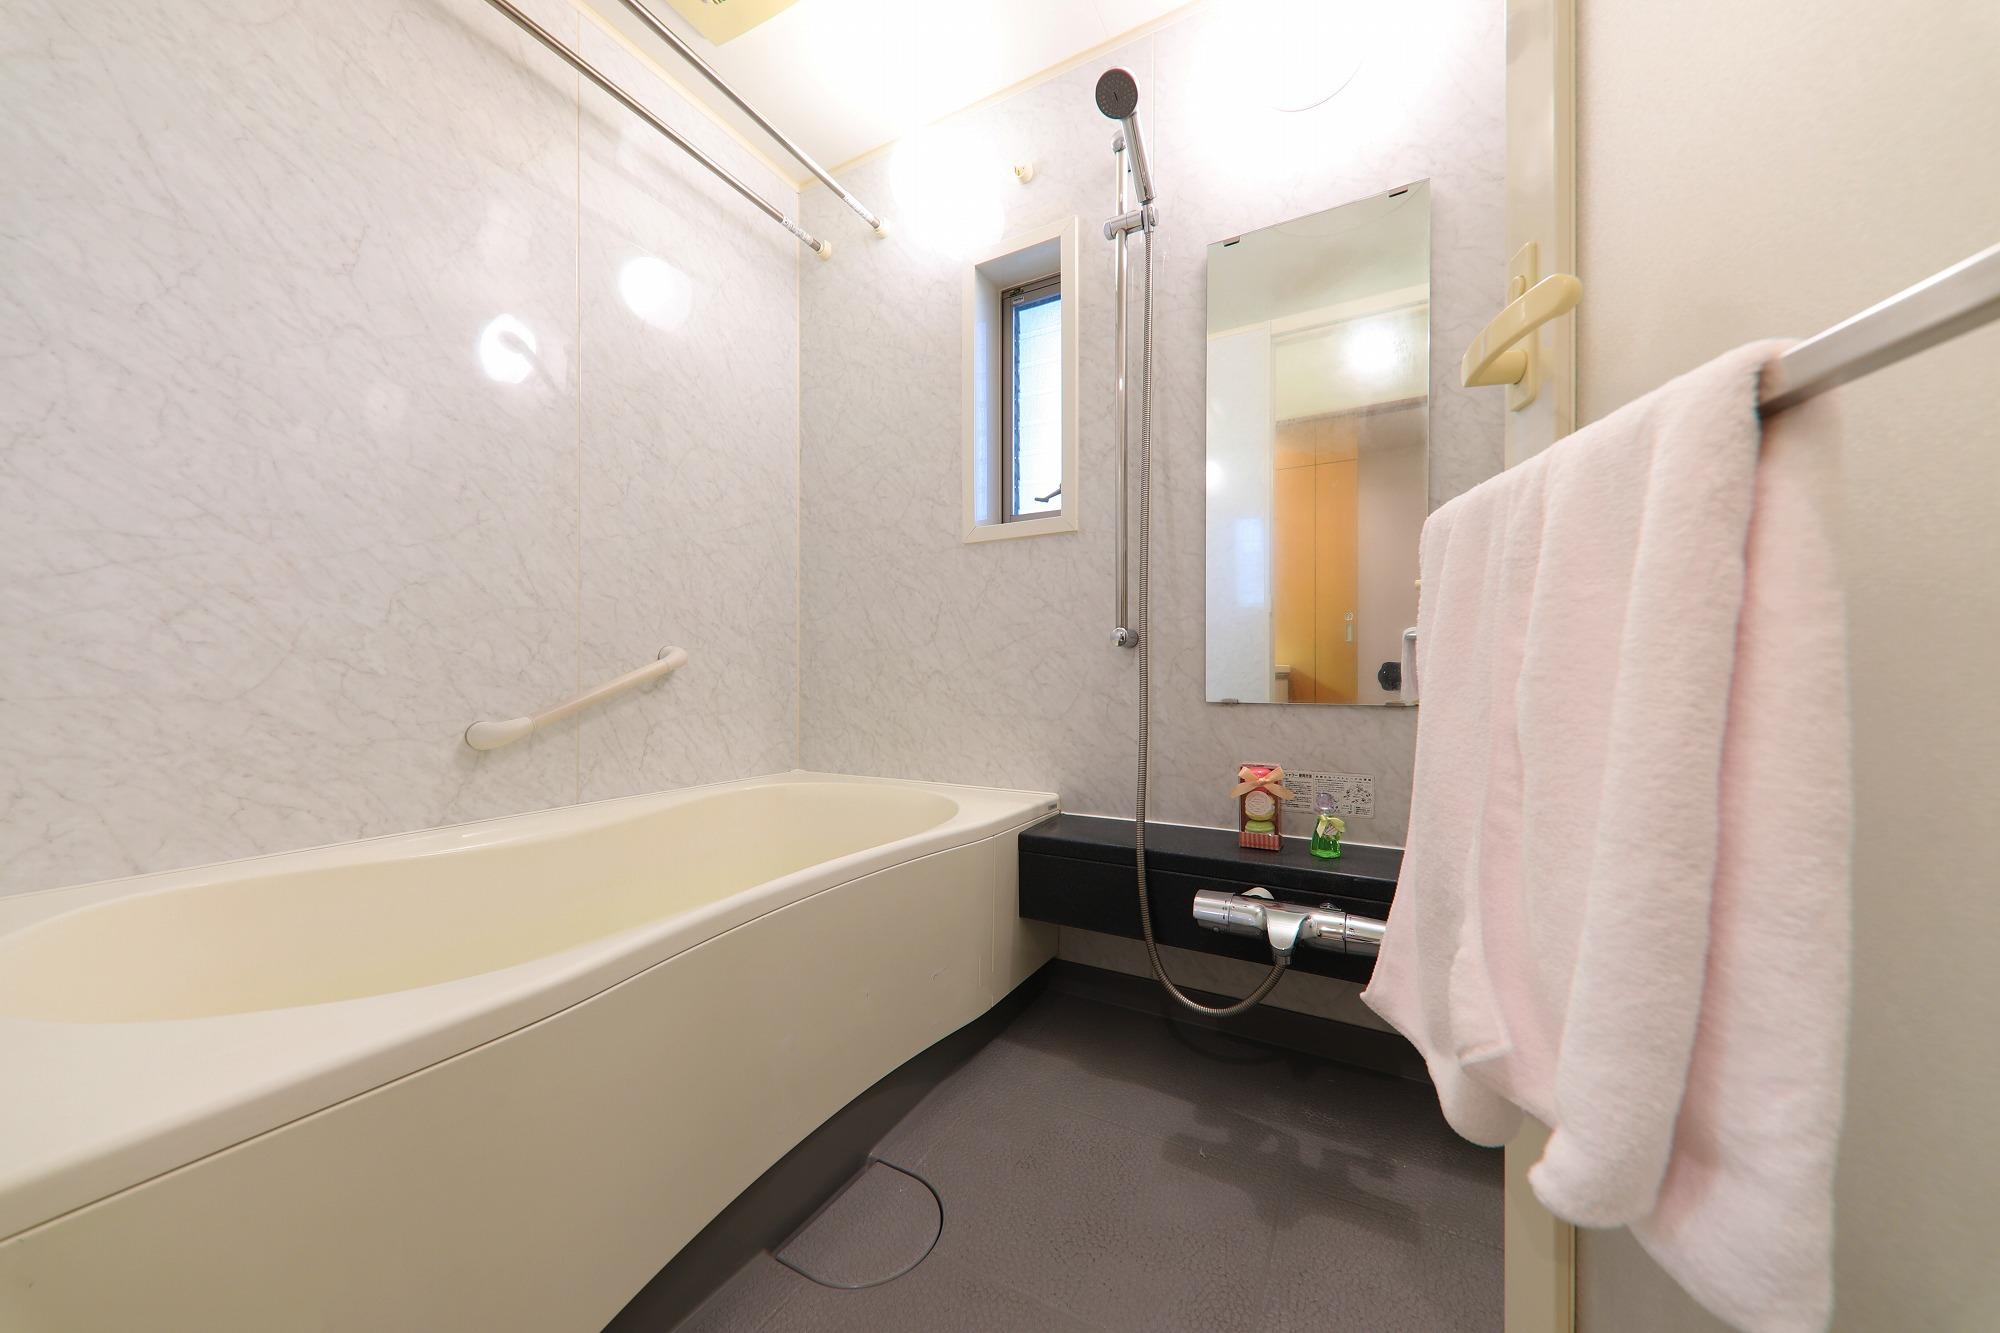 窓のついた浴室